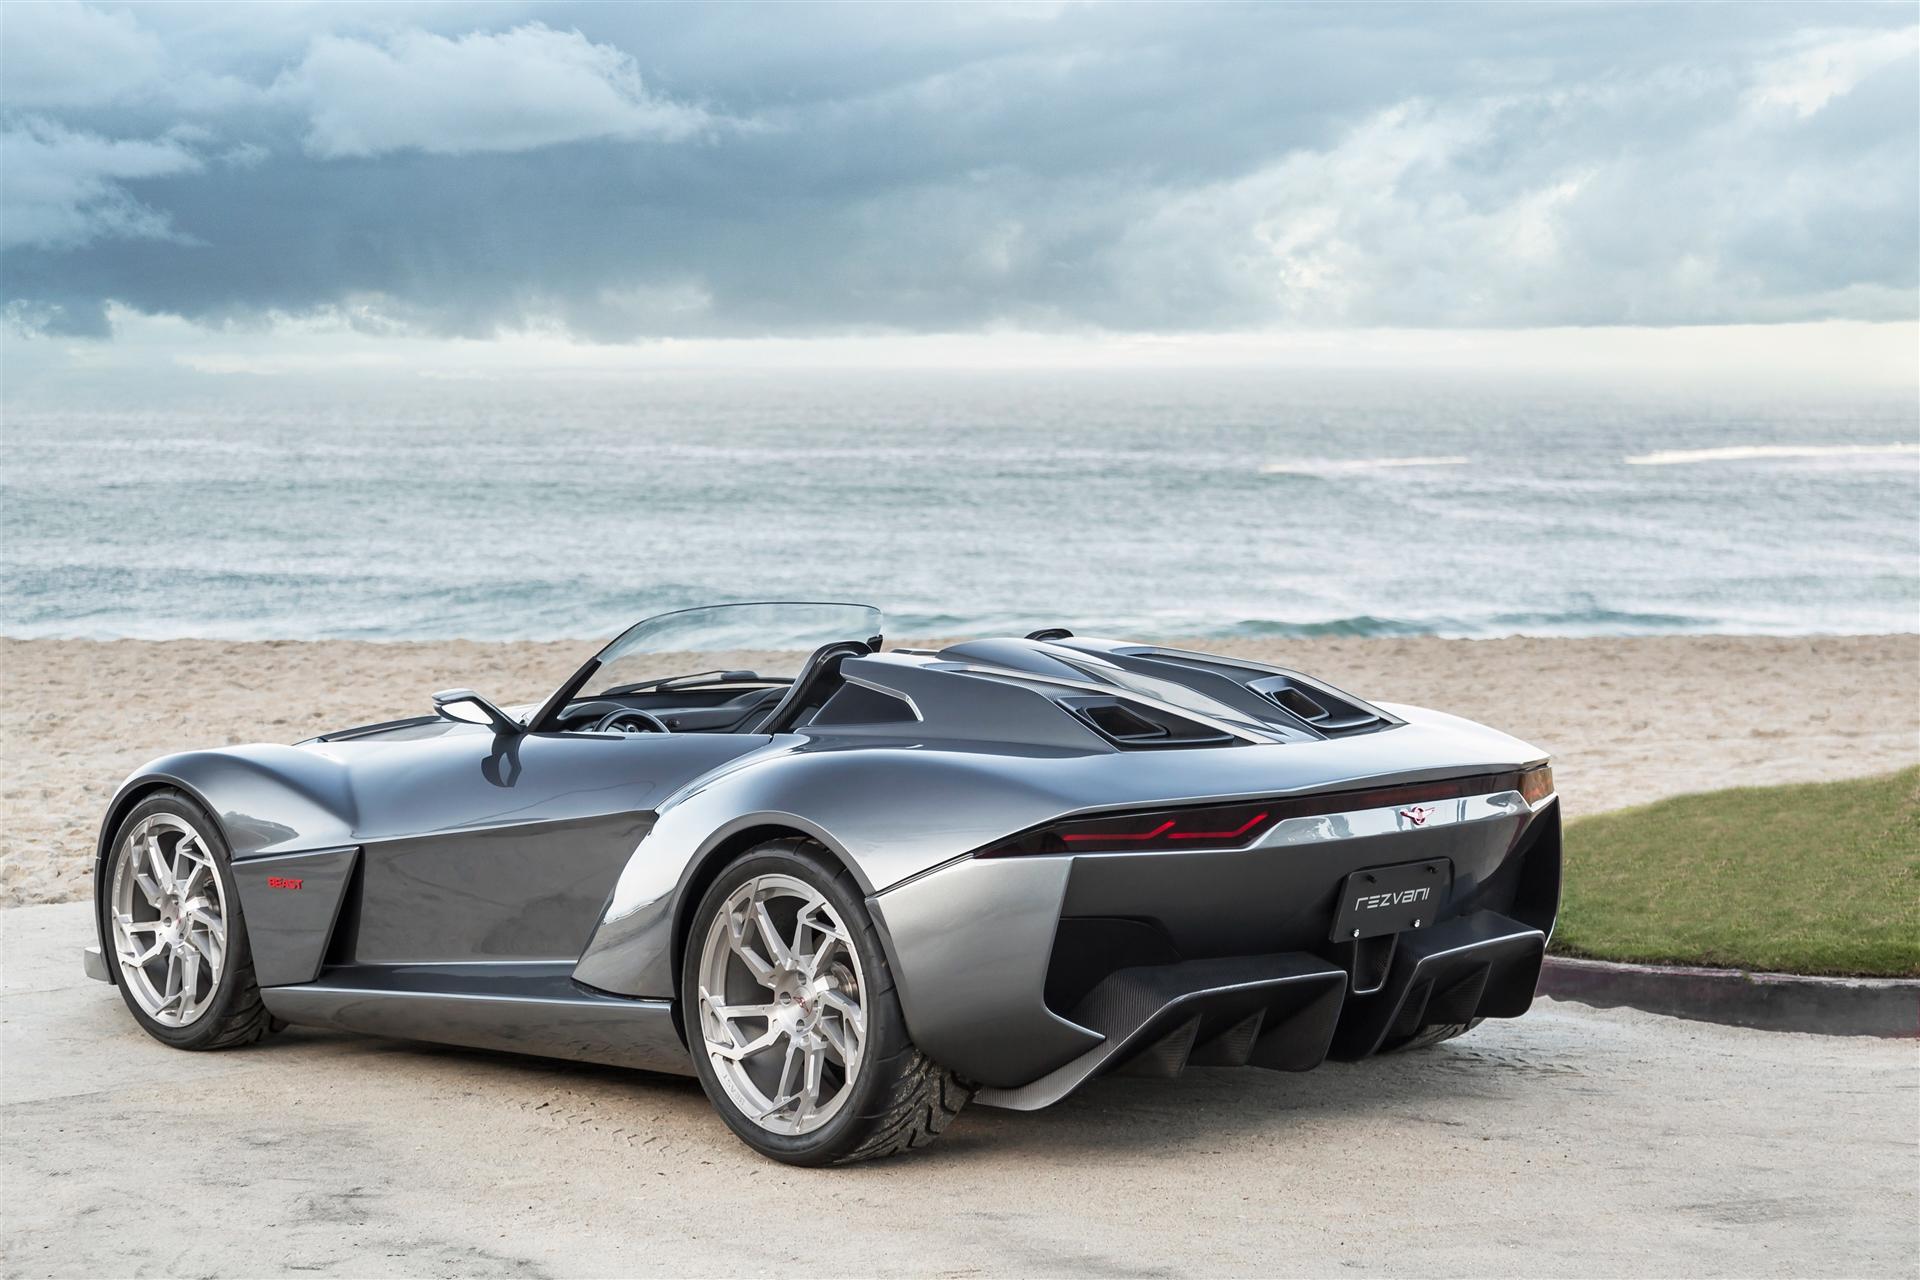 спортивный автомобиль серый rezvani motors бесплатно